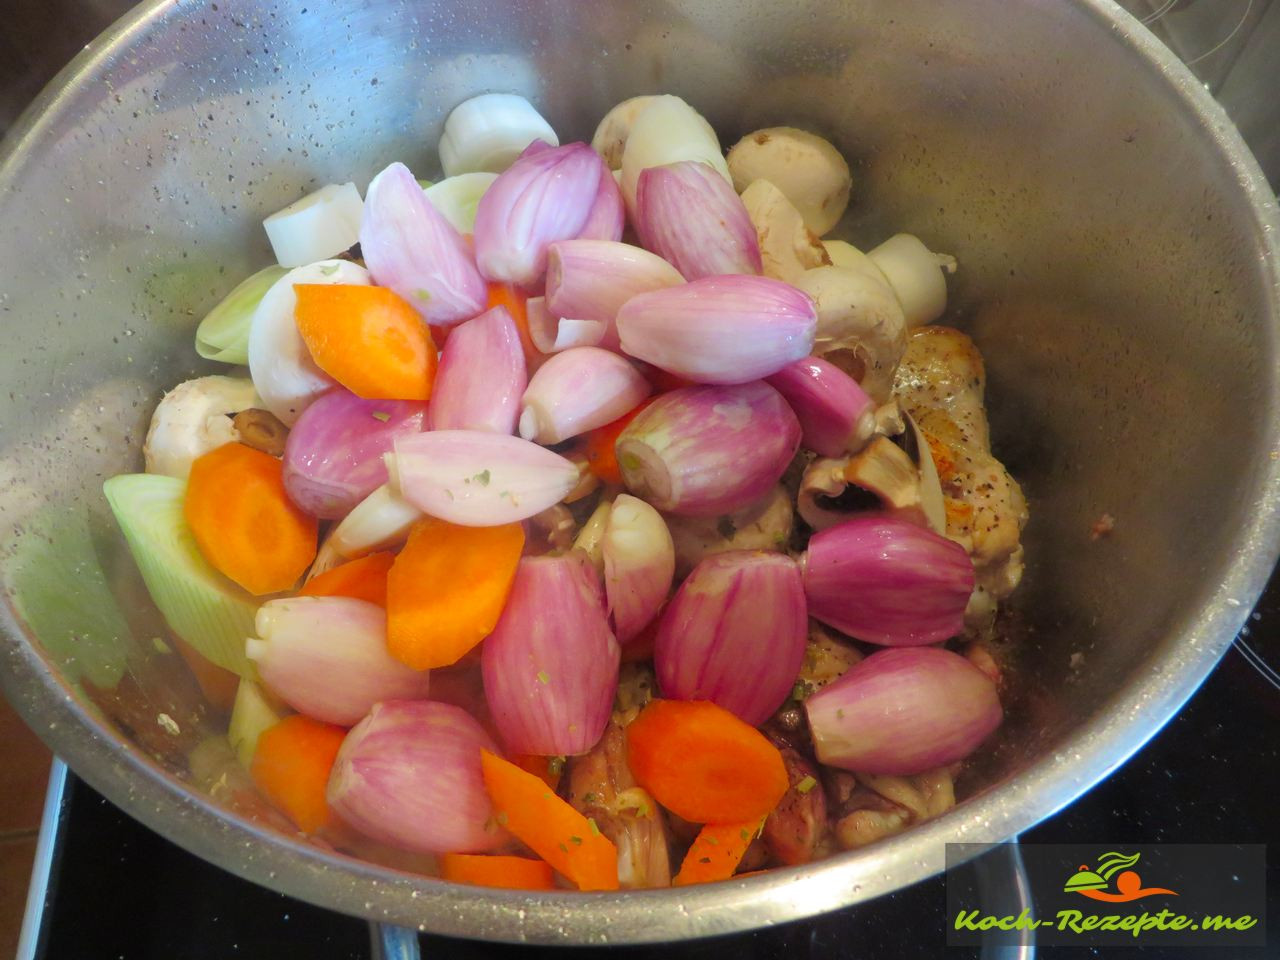 Das Gemüse wird darauf platziert